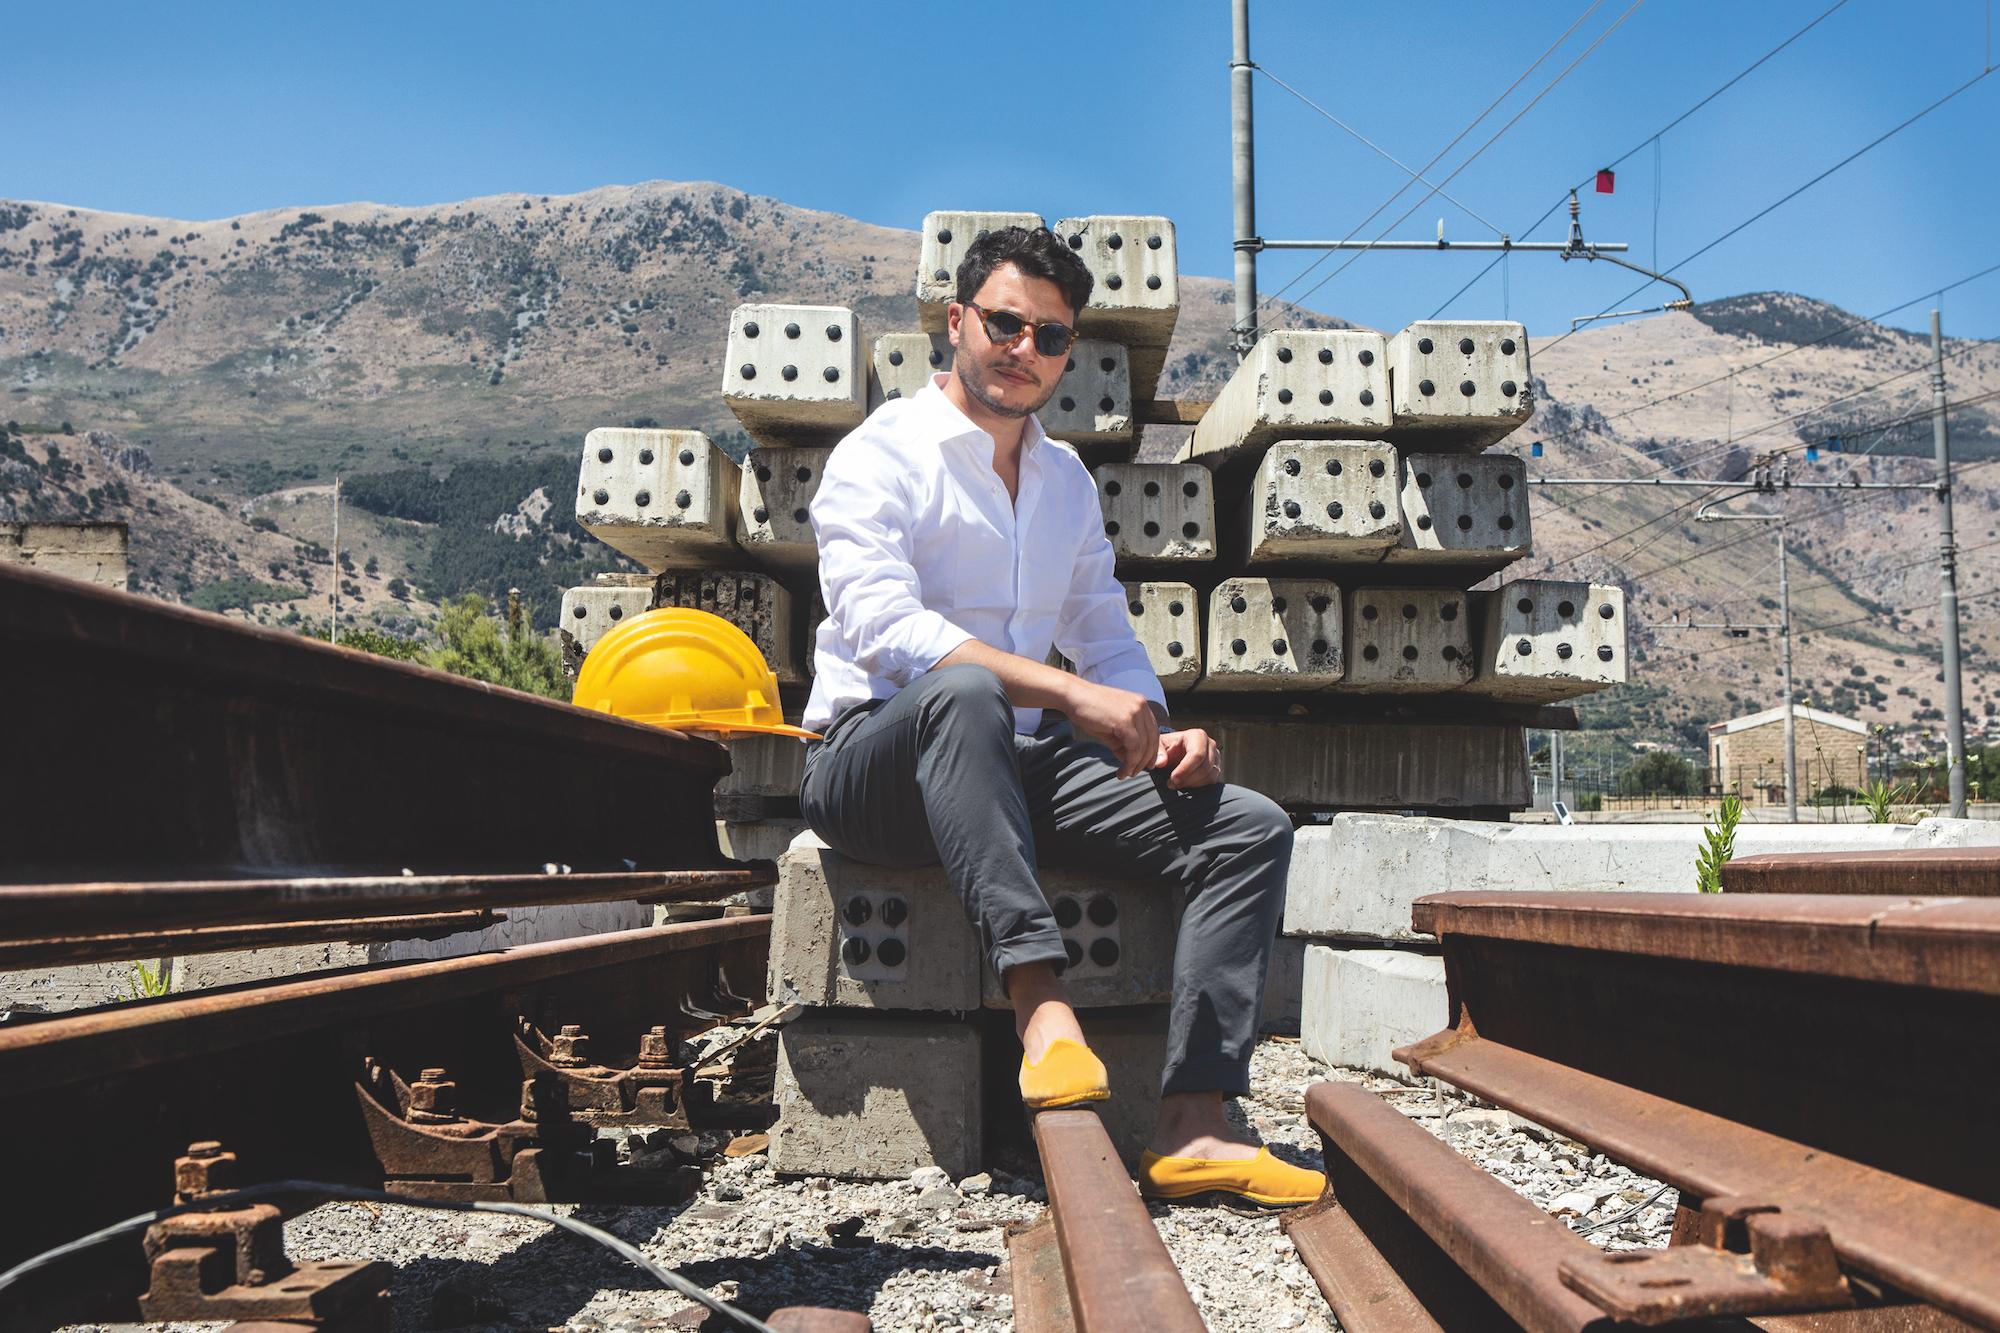 Mobilità sostenibile: Giovanni De Lisi, fondatore di Greenrail